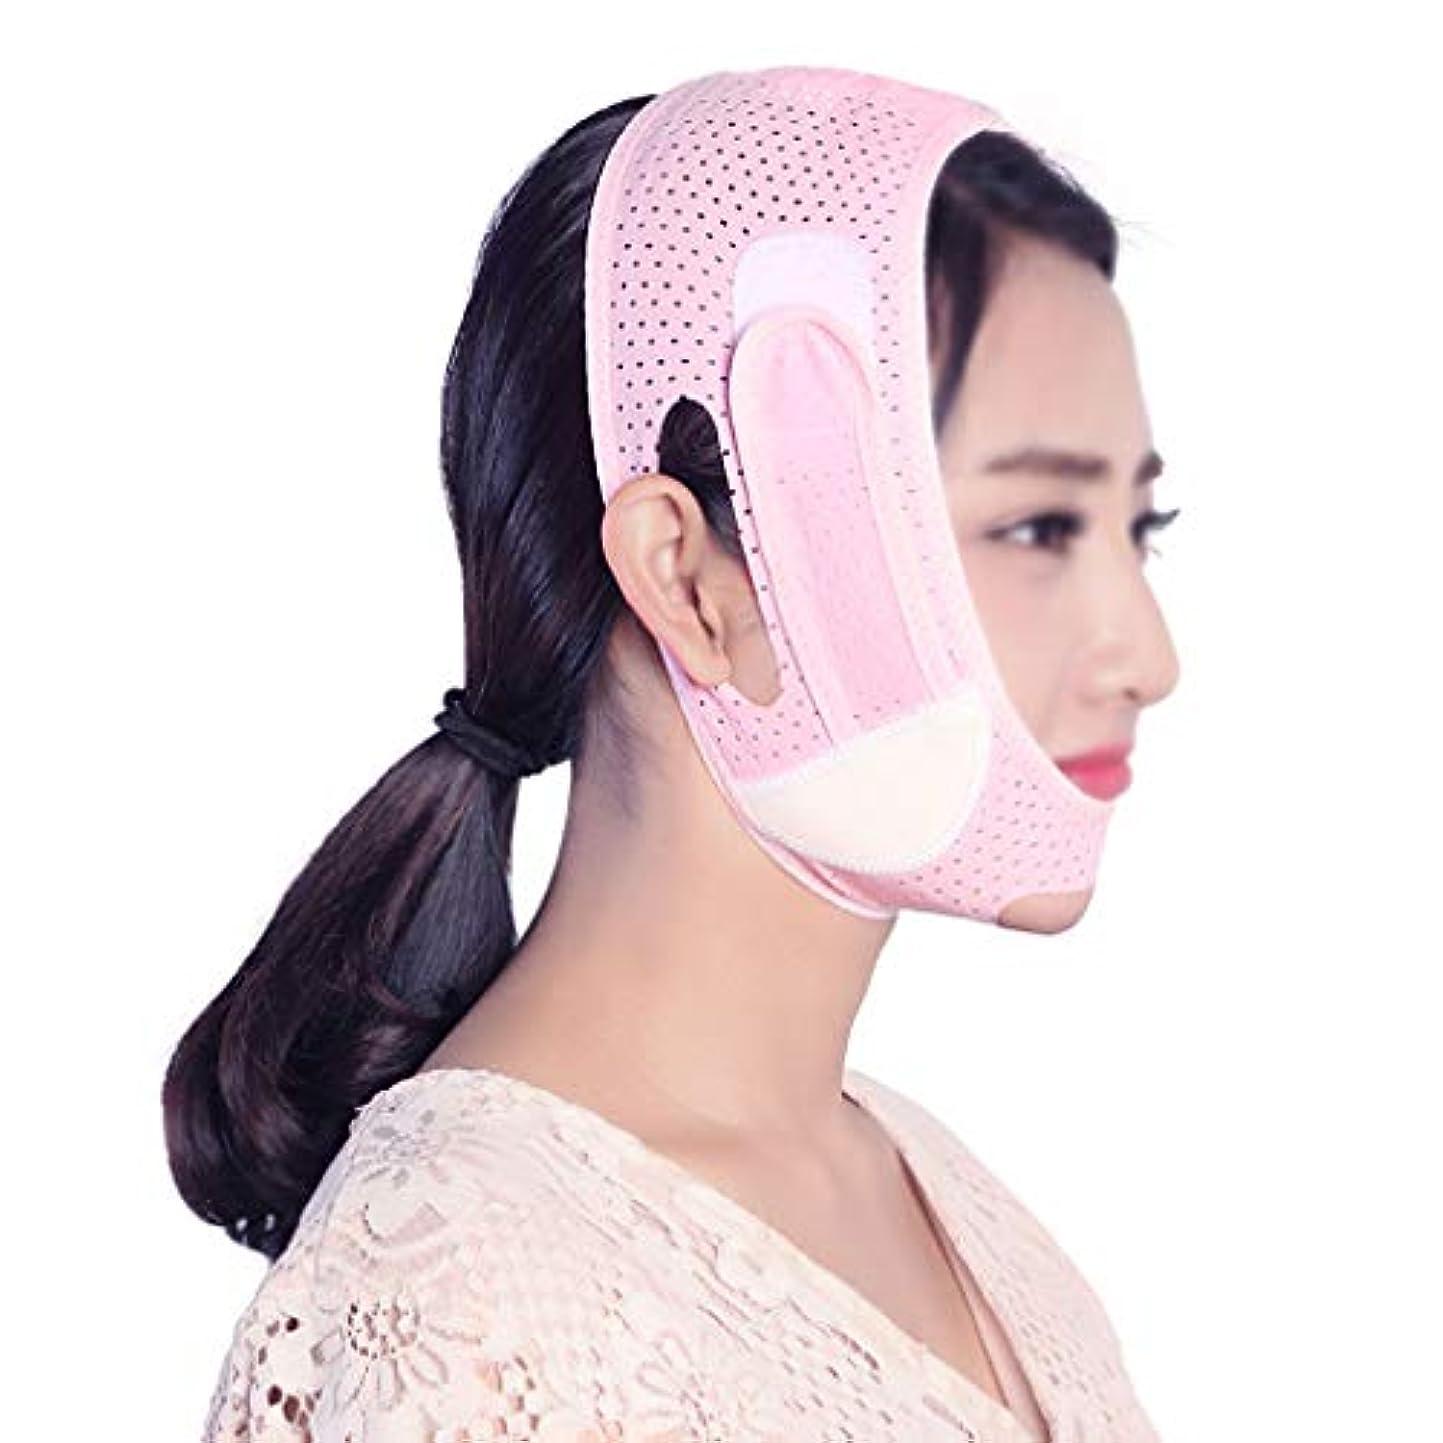 ラリーストライプ予約TLMY スリムな包帯フェイシャルトリートメント強化フェイシャルチークV型アンチリンクルダブルチンビューティツール 顔用整形マスク